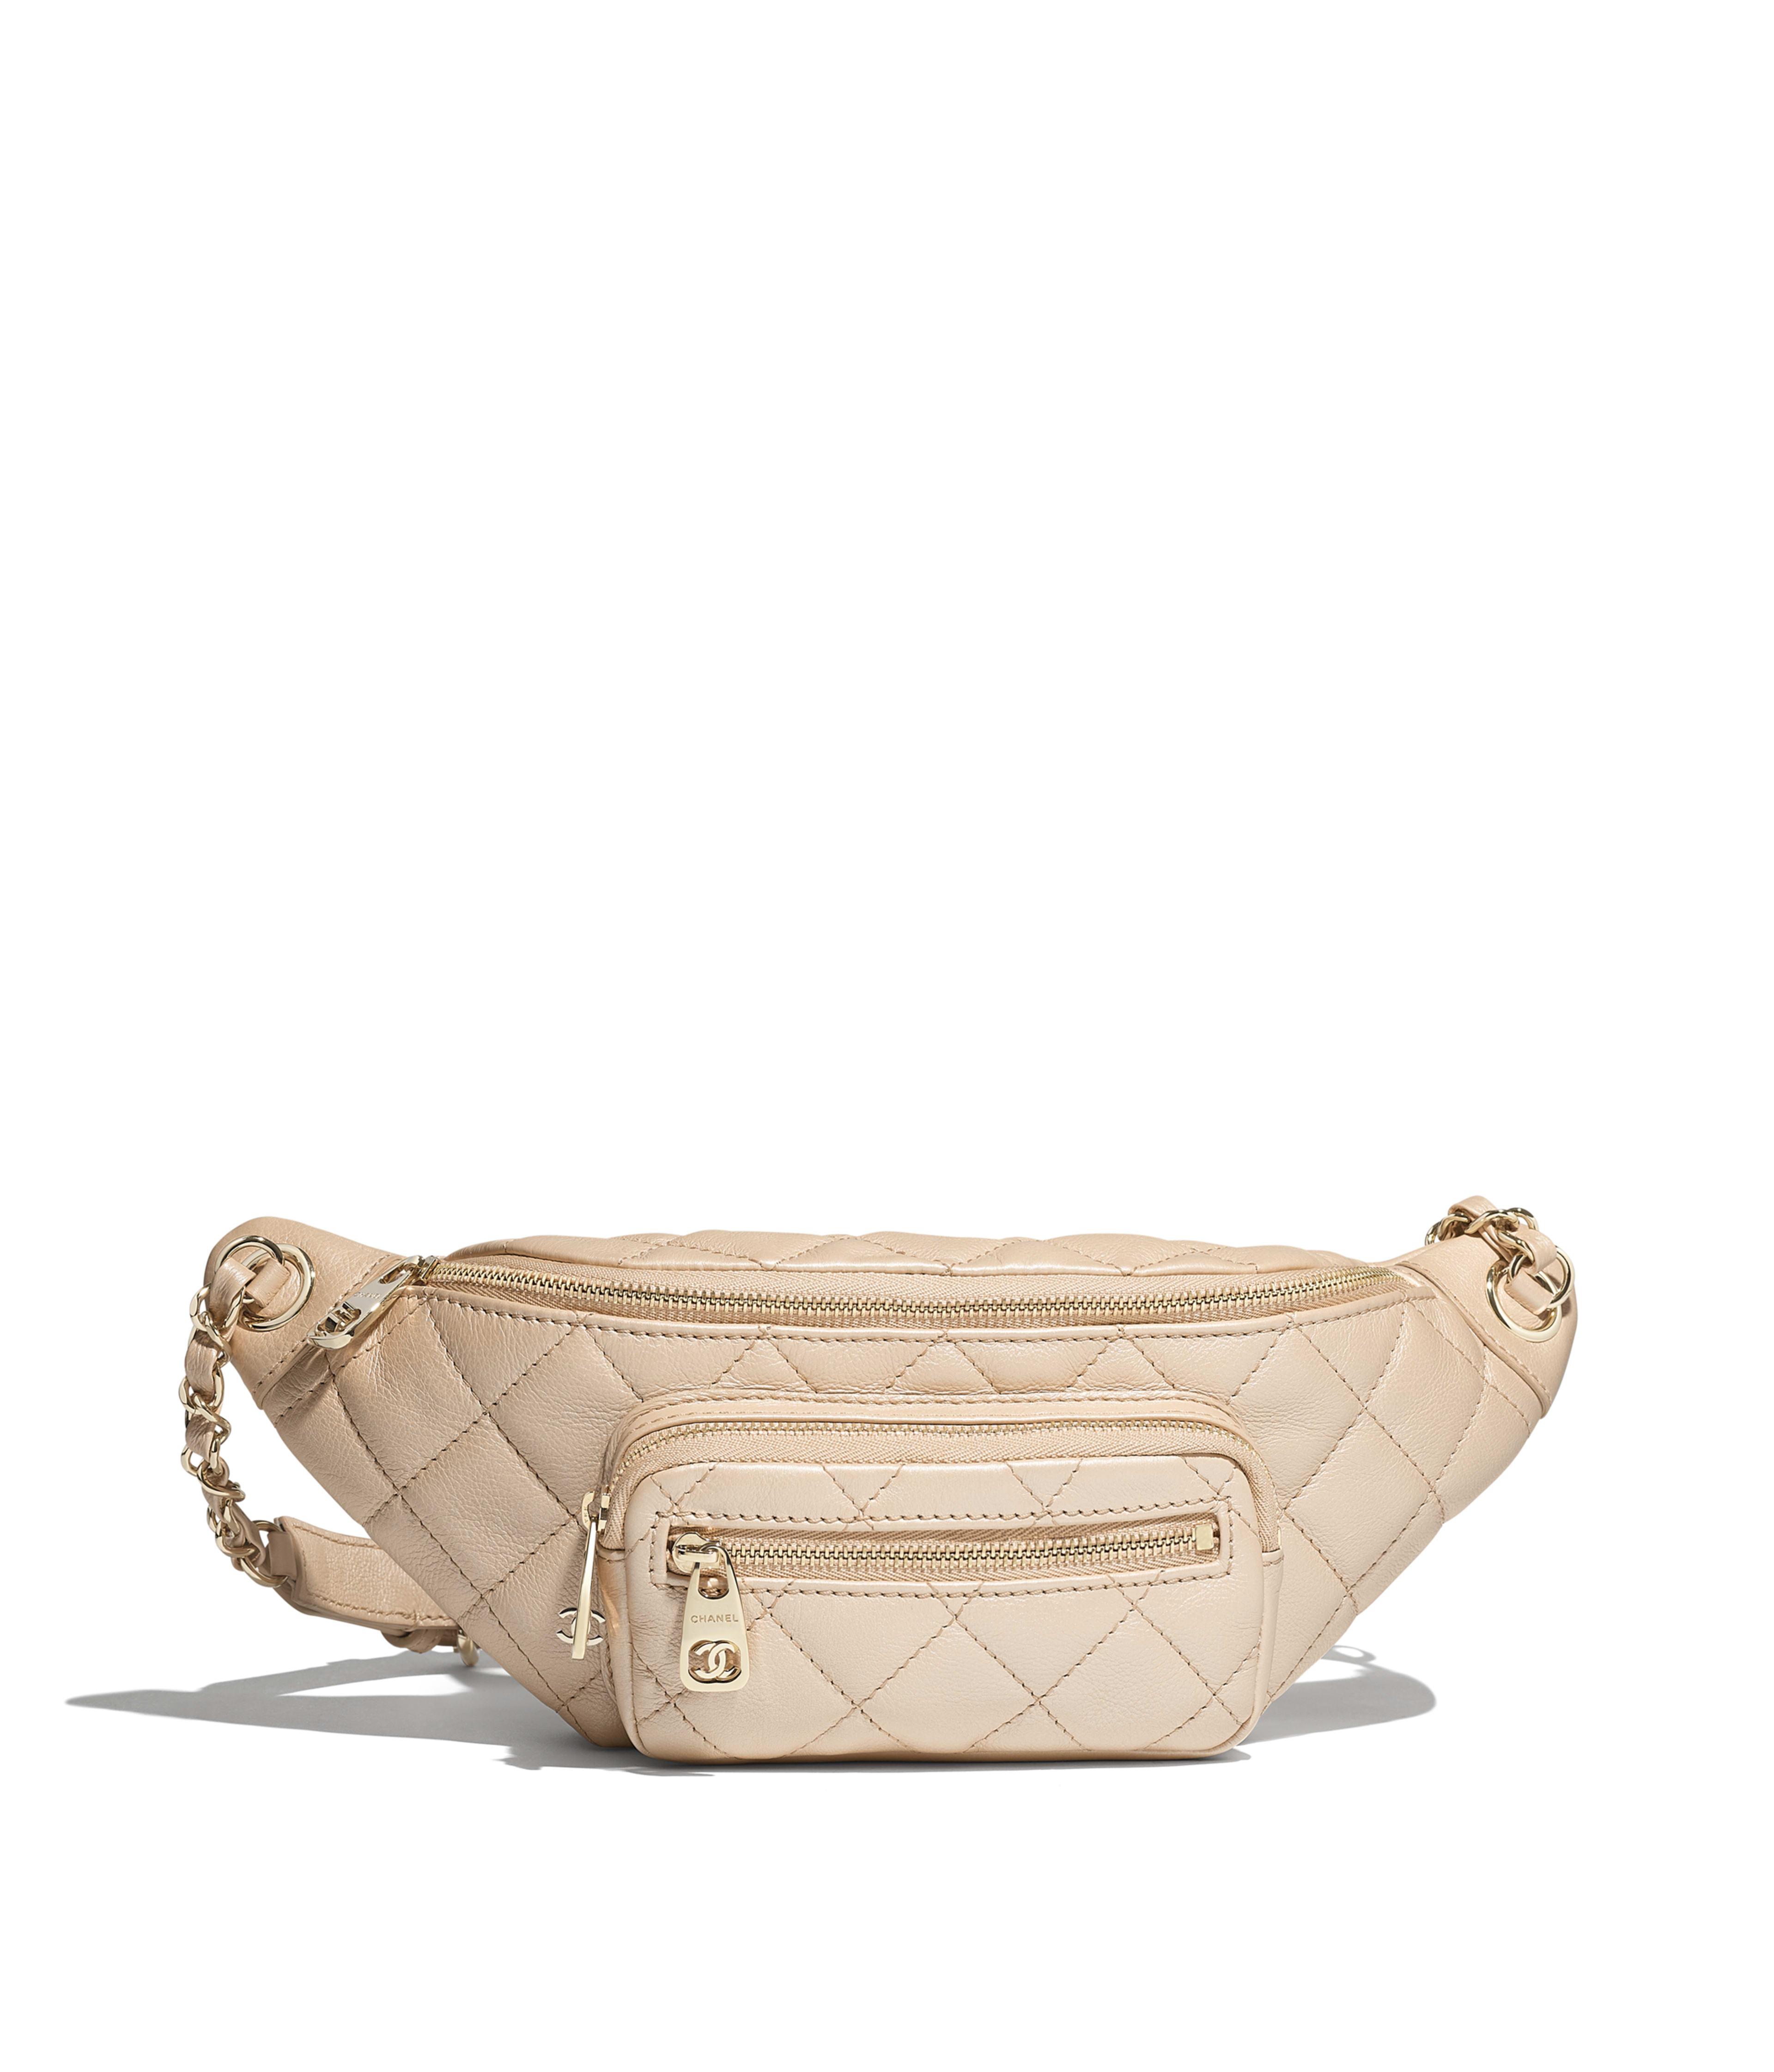 f109f1637788 Waist Bag Iridescent Grained Calfskin & Gold-Tone Metal, Beige Ref.  AS0556B00442N4381